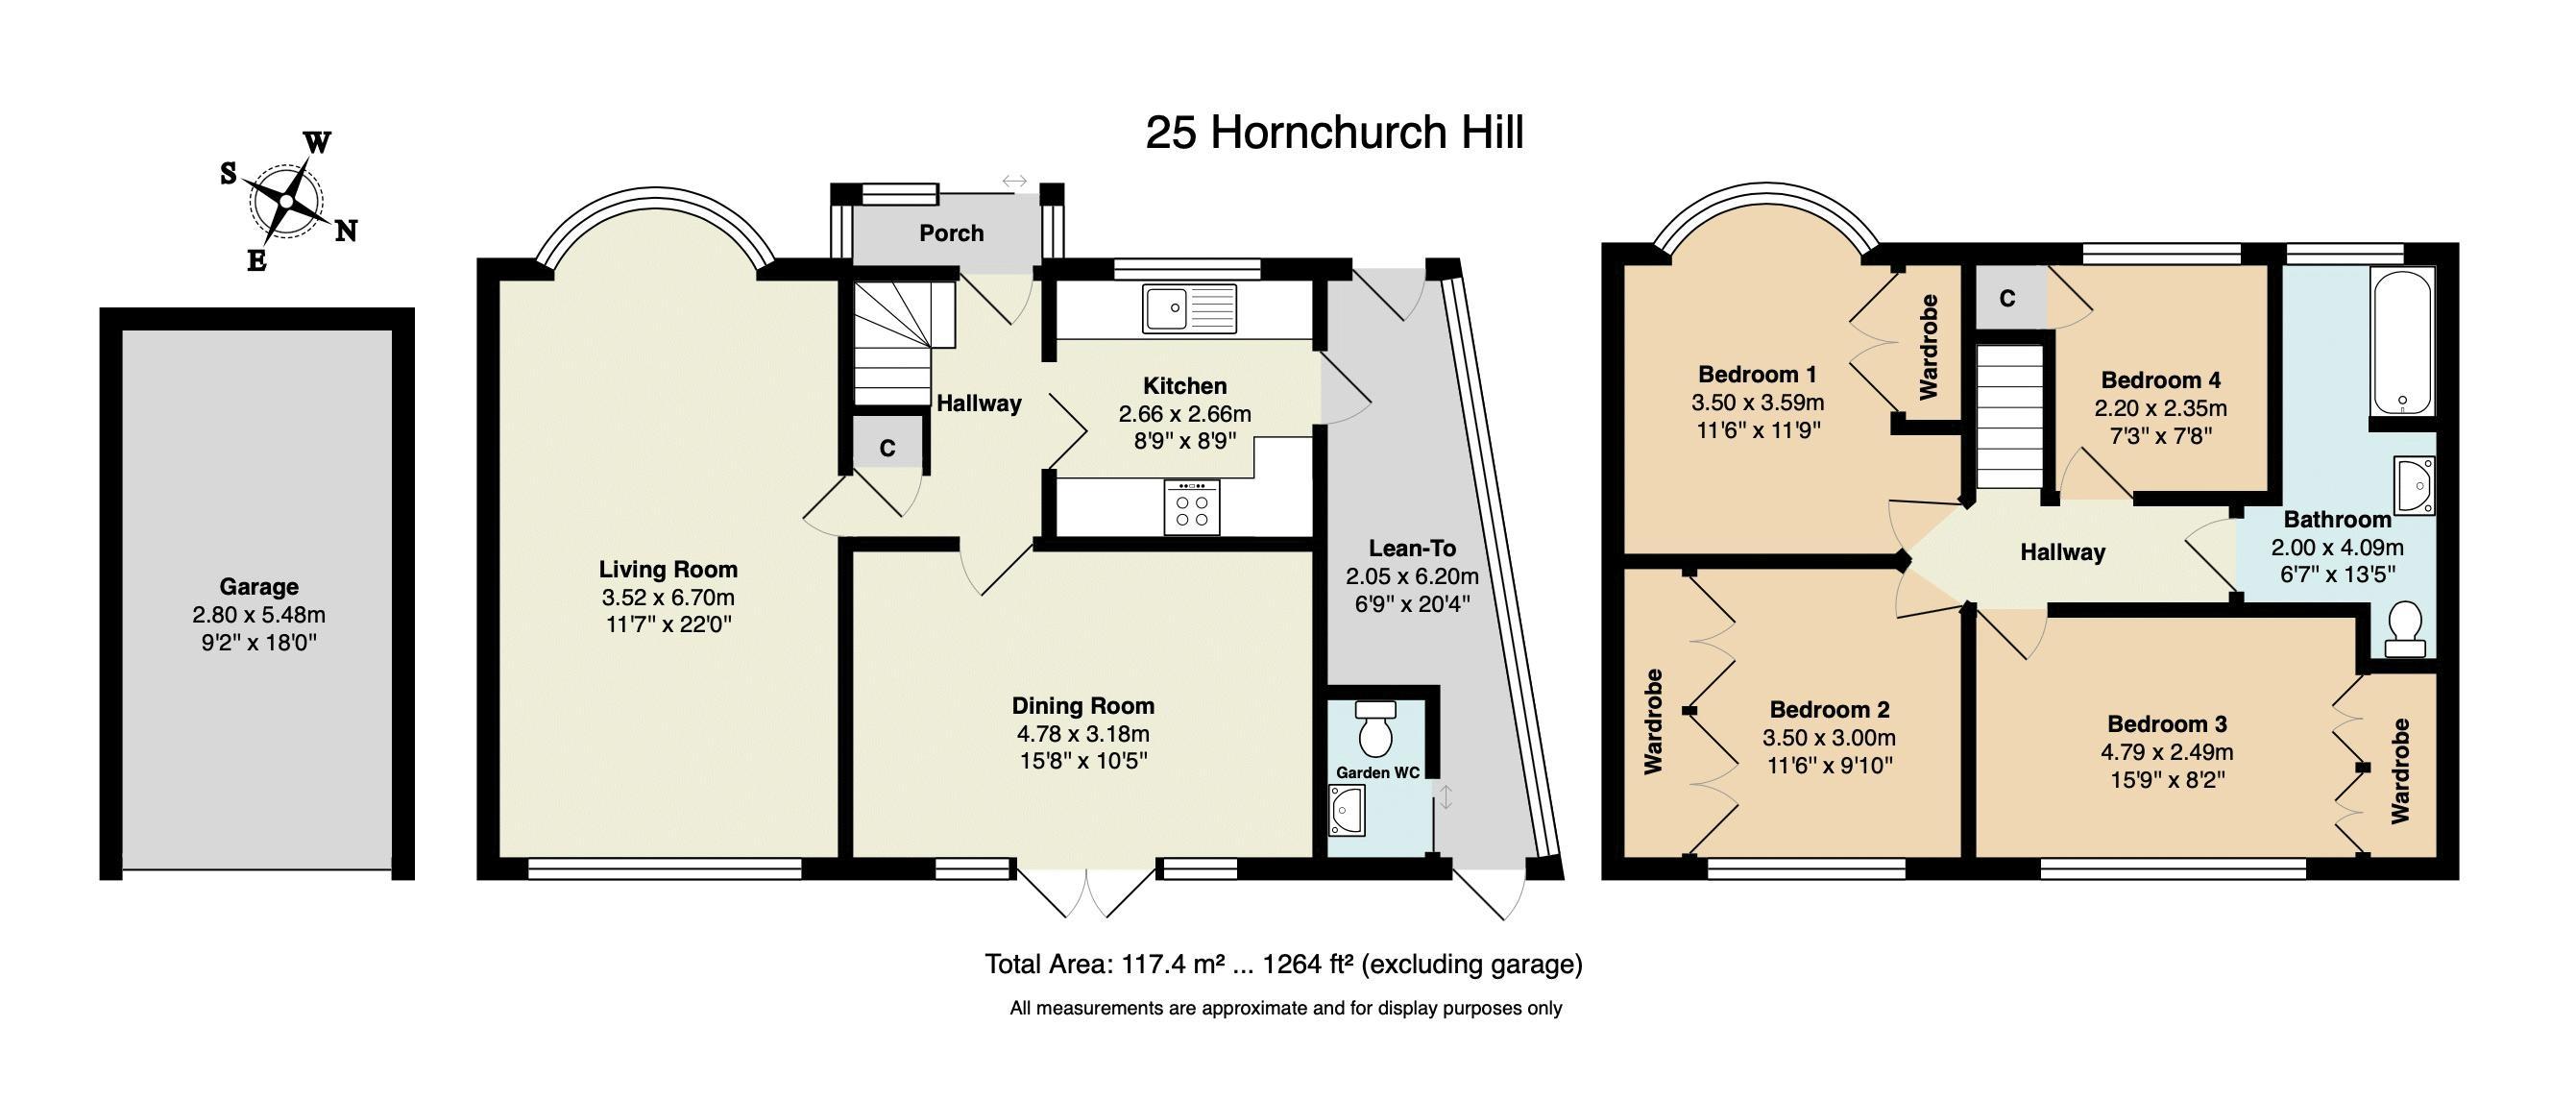 Hornchurch Hill